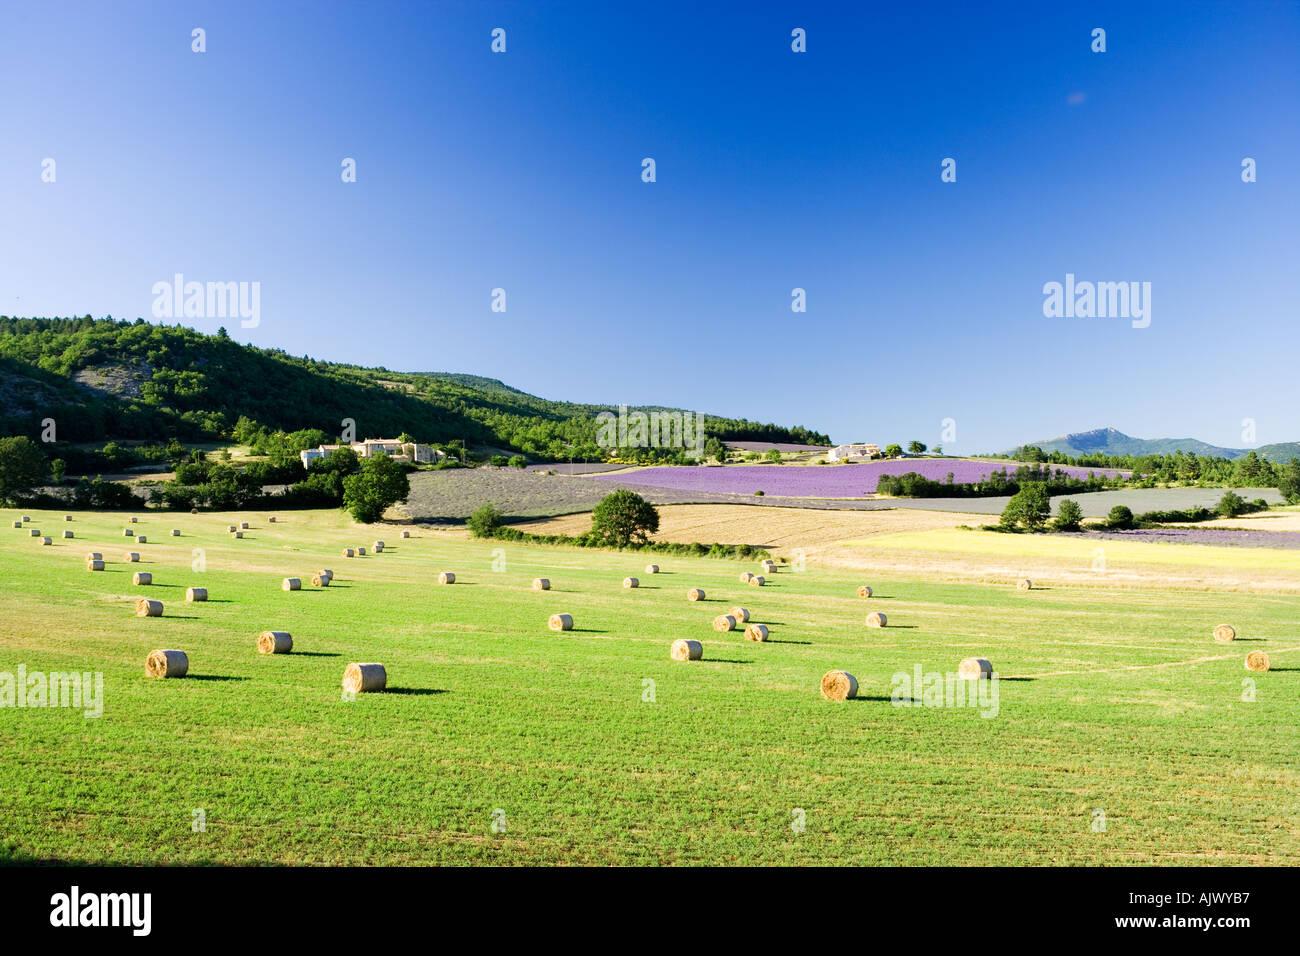 France Provence Vaucluse Région Rural scene avec champs de lavande Photo Stock